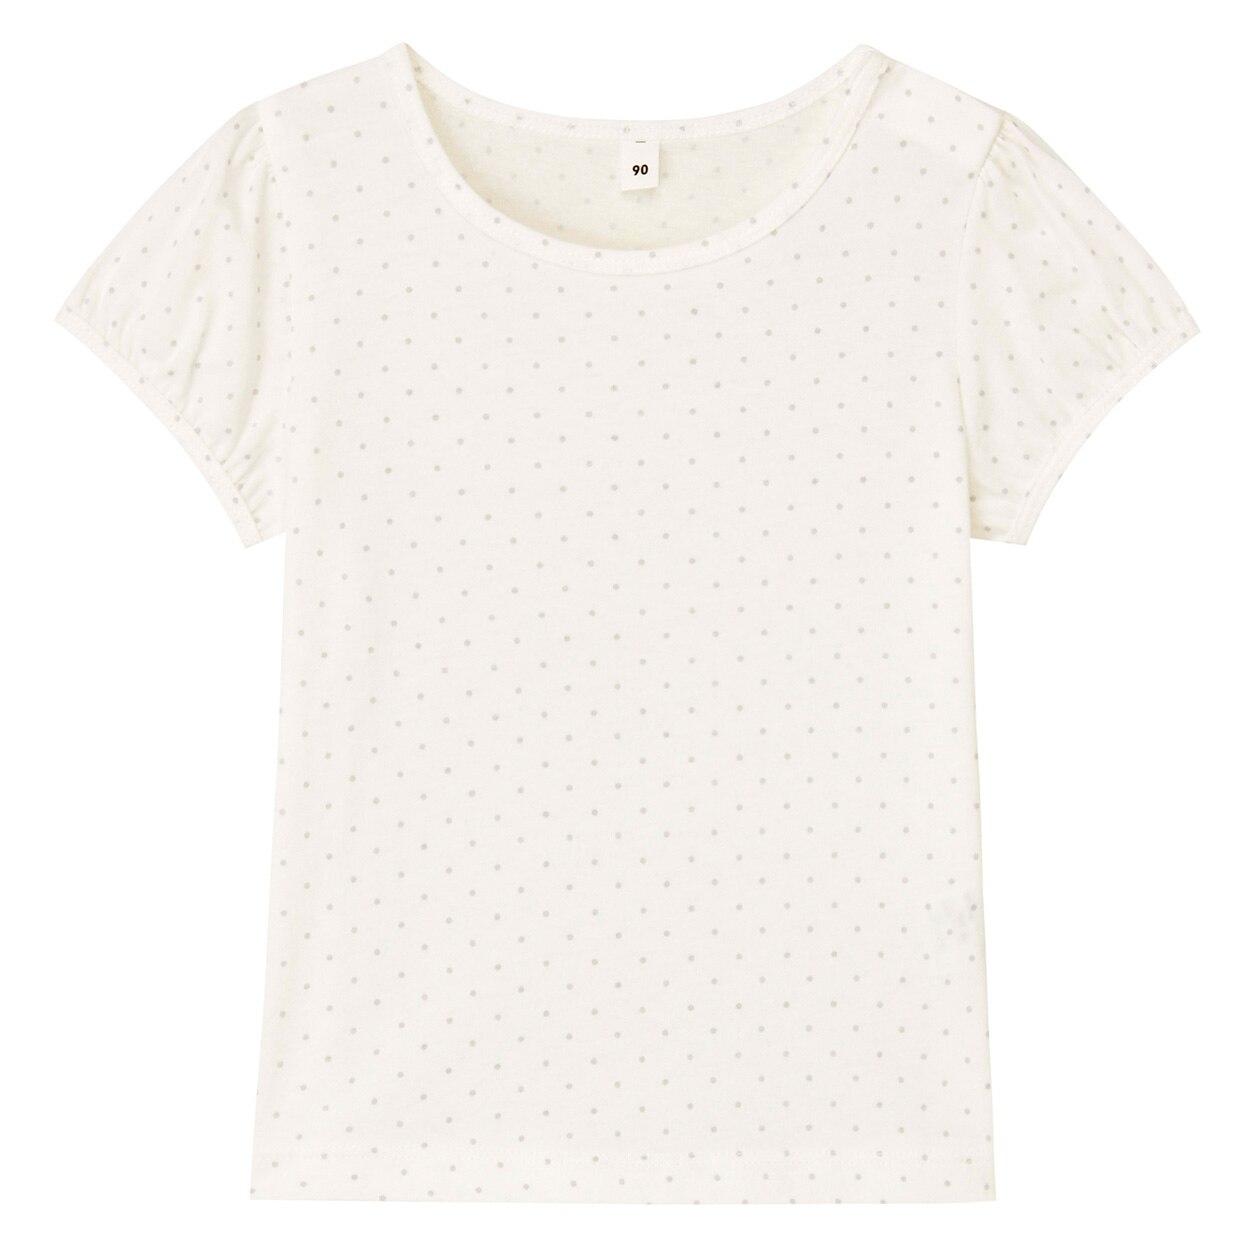 インド綿天竺編み水玉パフスリーブTシャツ(ベビー)